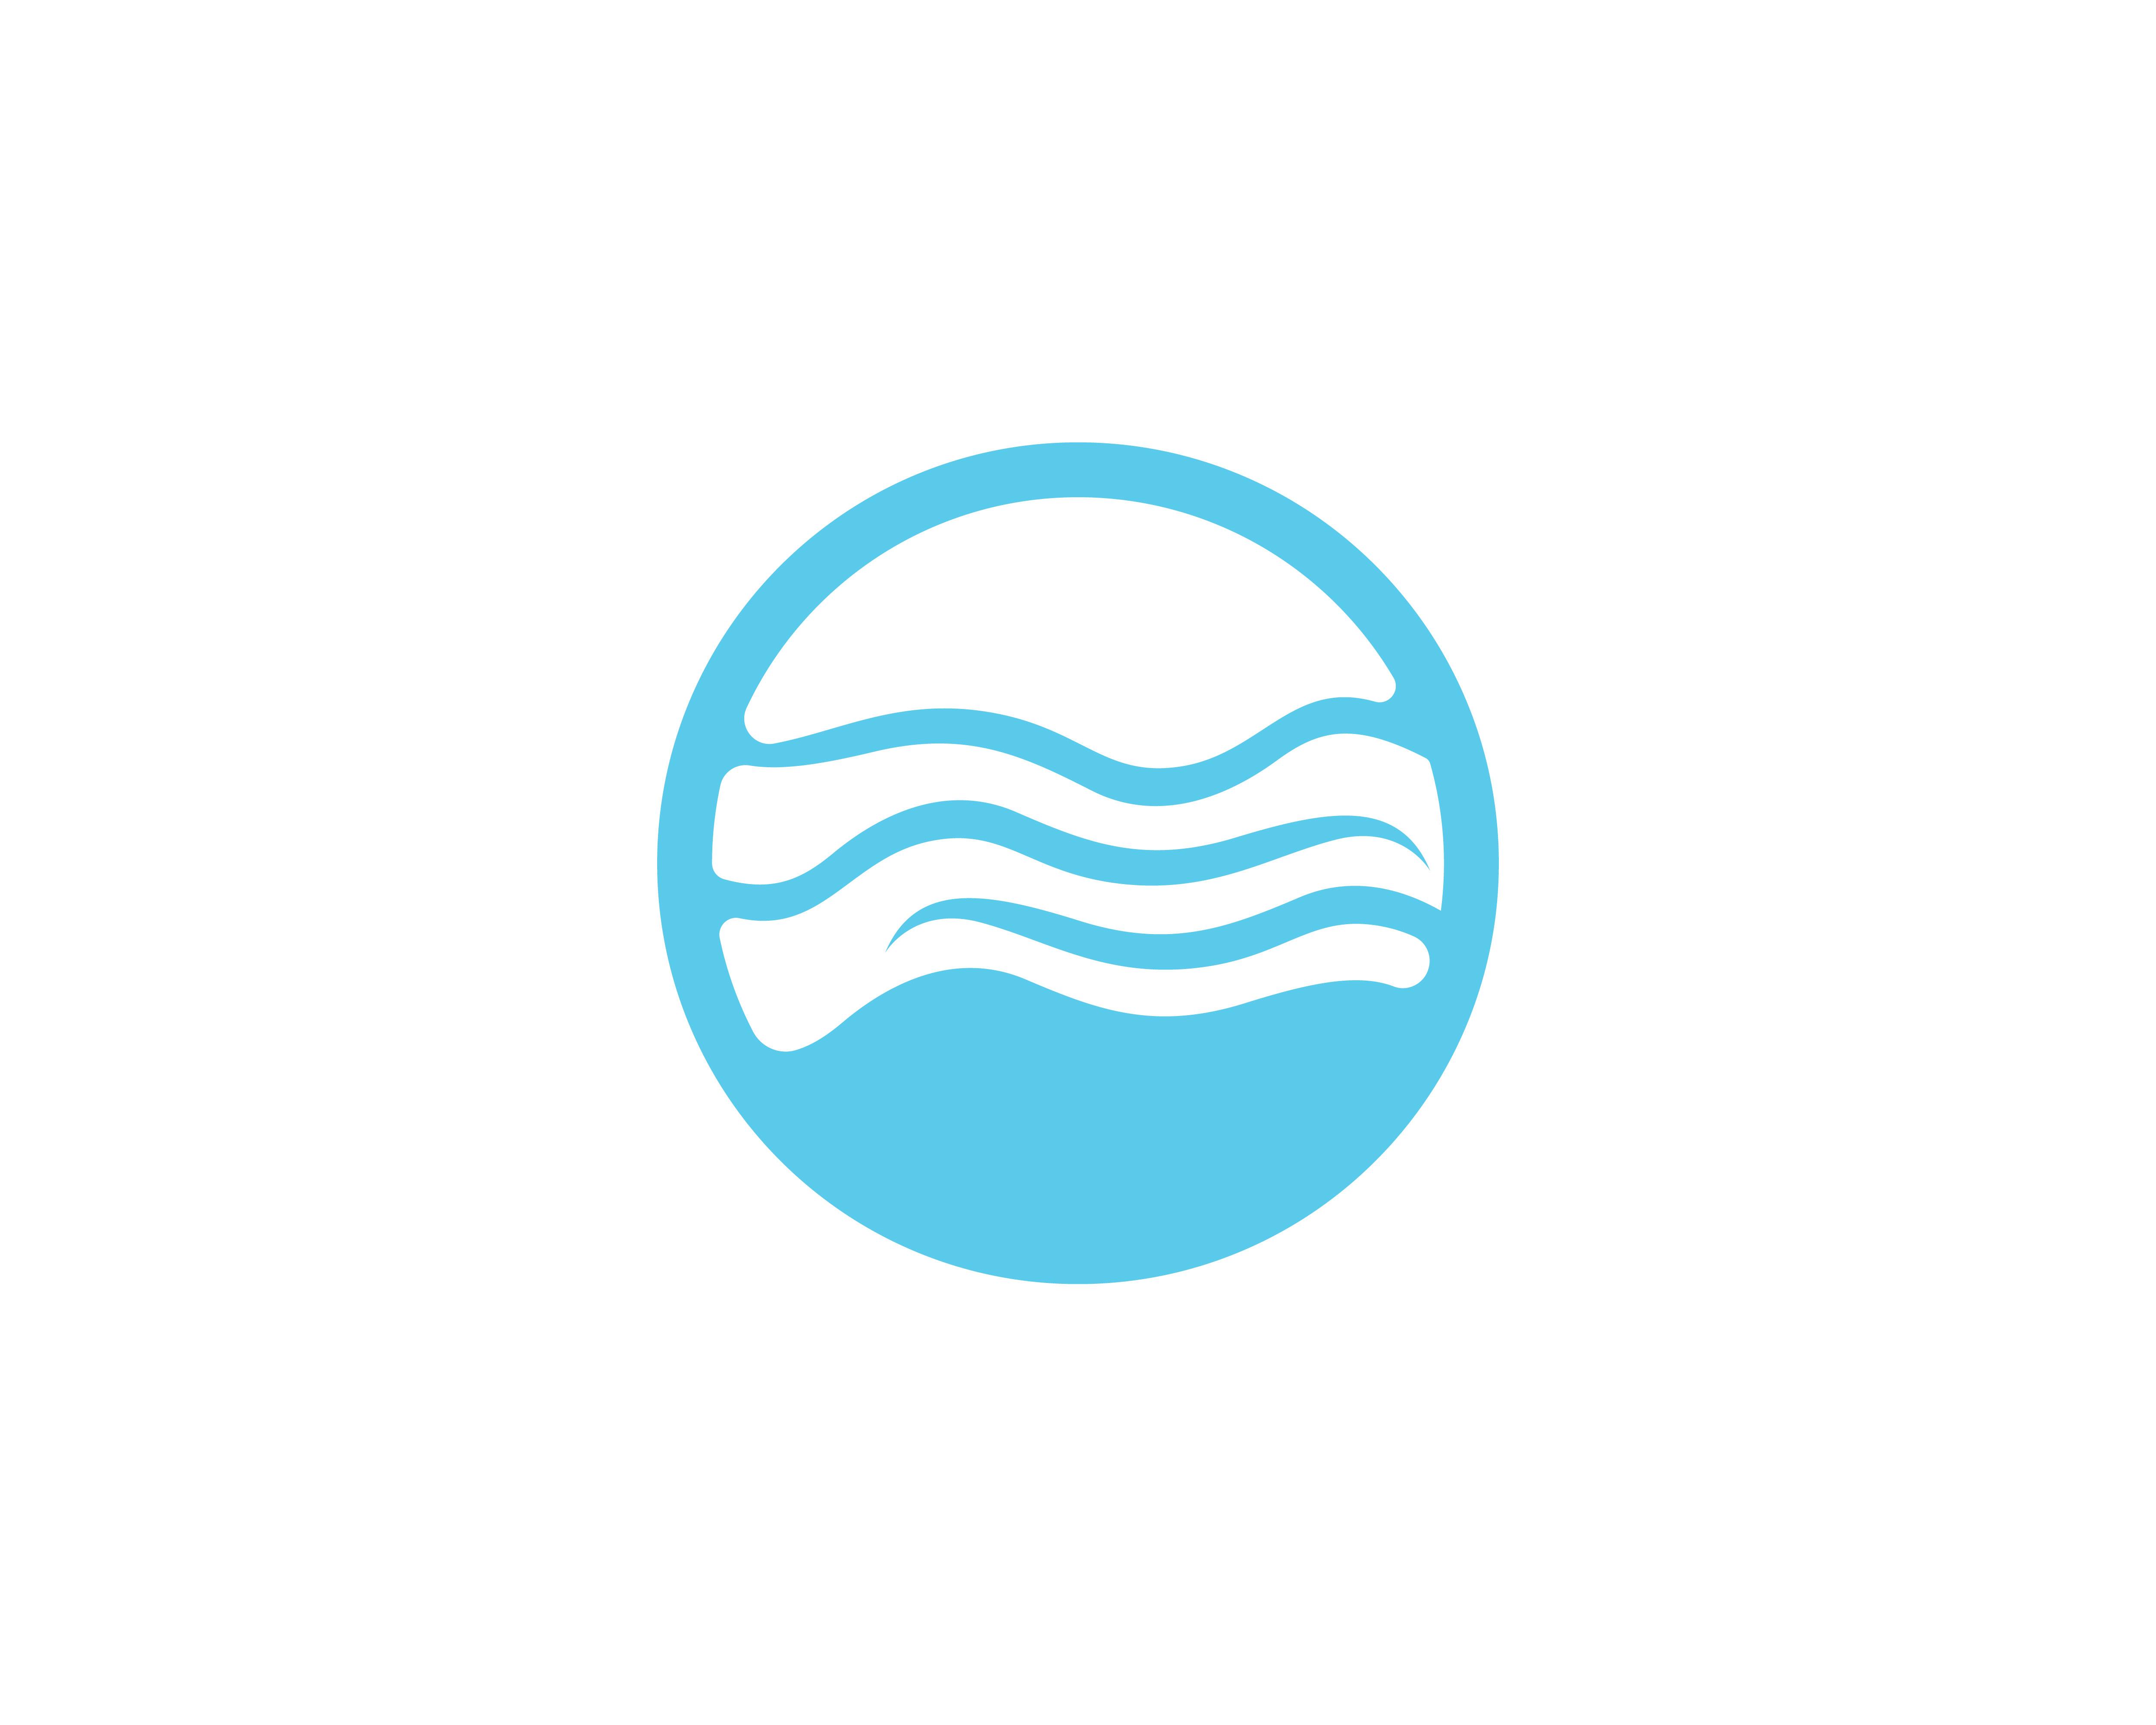 Wave Beach Logo And Symbols Vector Template Download Free Vectors Clipart Graphics Vector Art